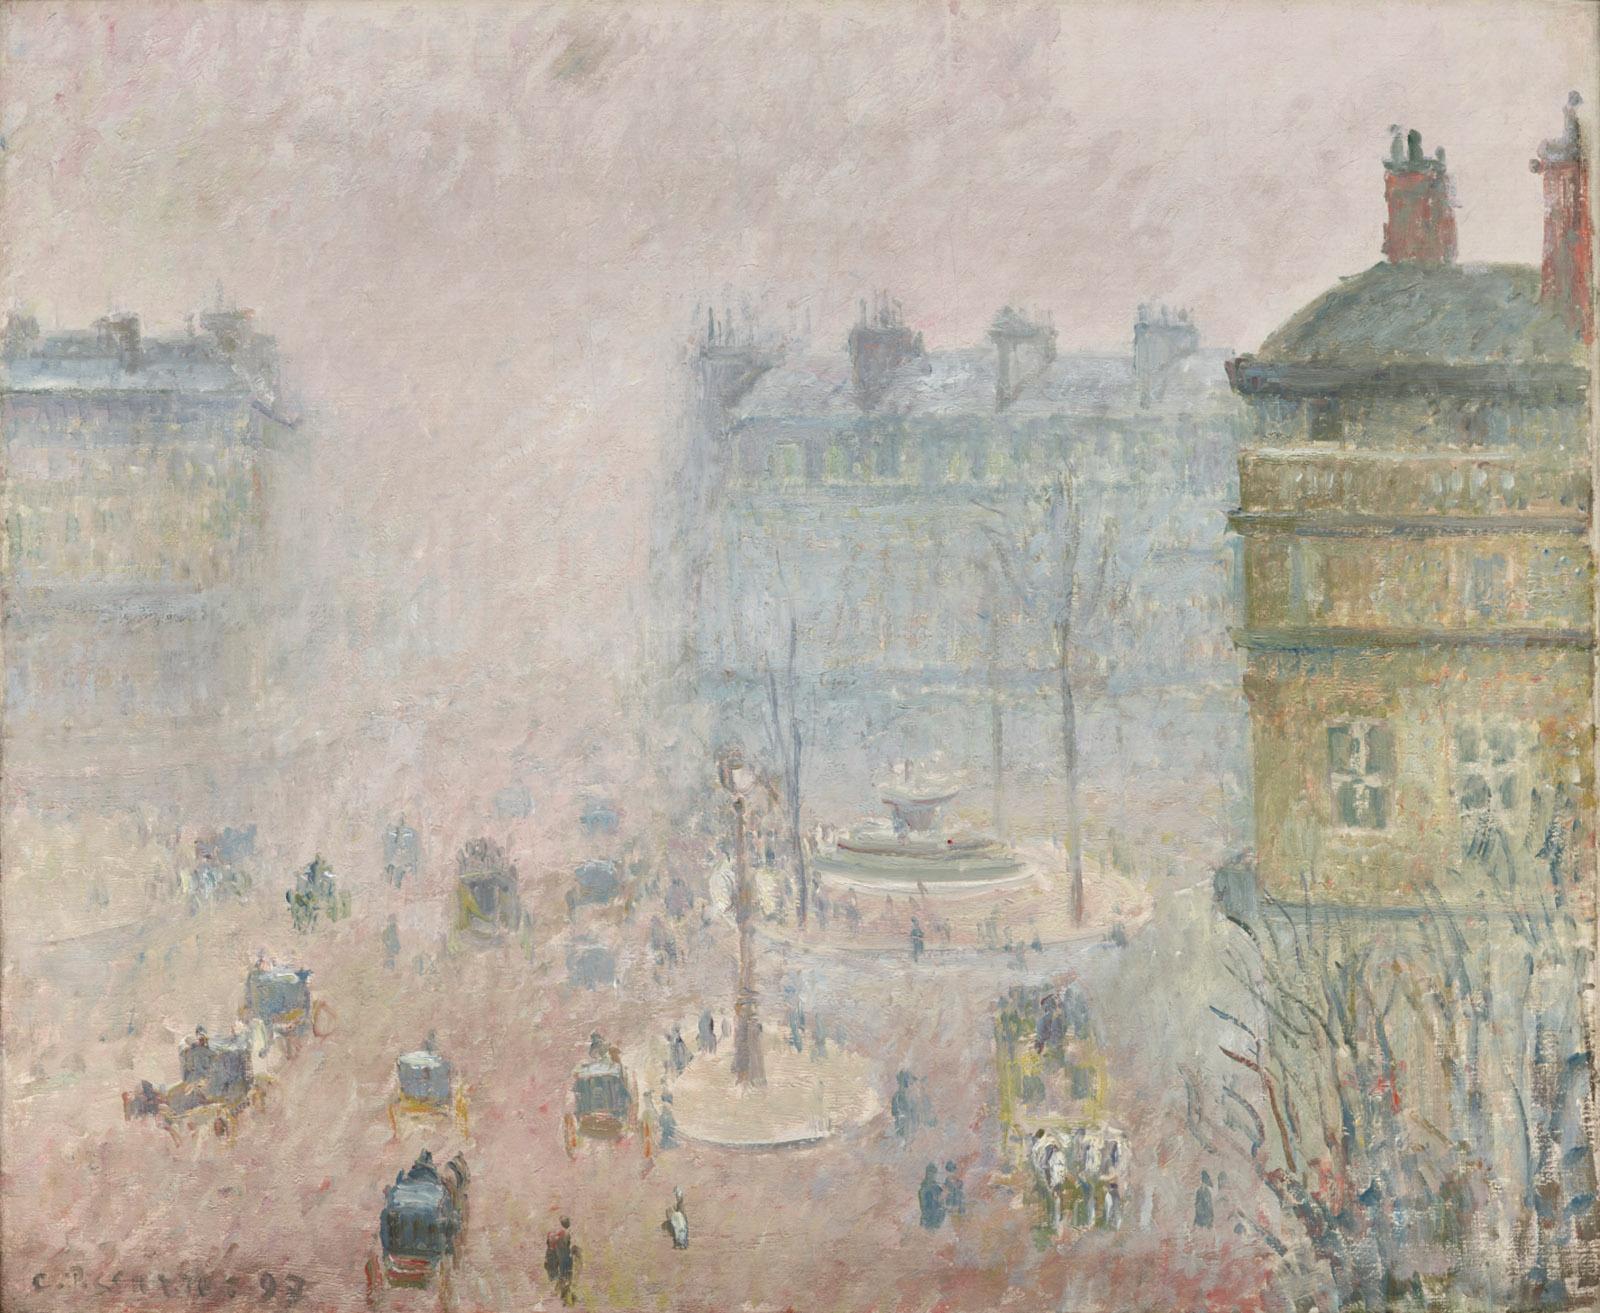 Camille Pissarro, Place du Théâtre-Français: Fog Effect, 1897 (Dallas Museum of Art)